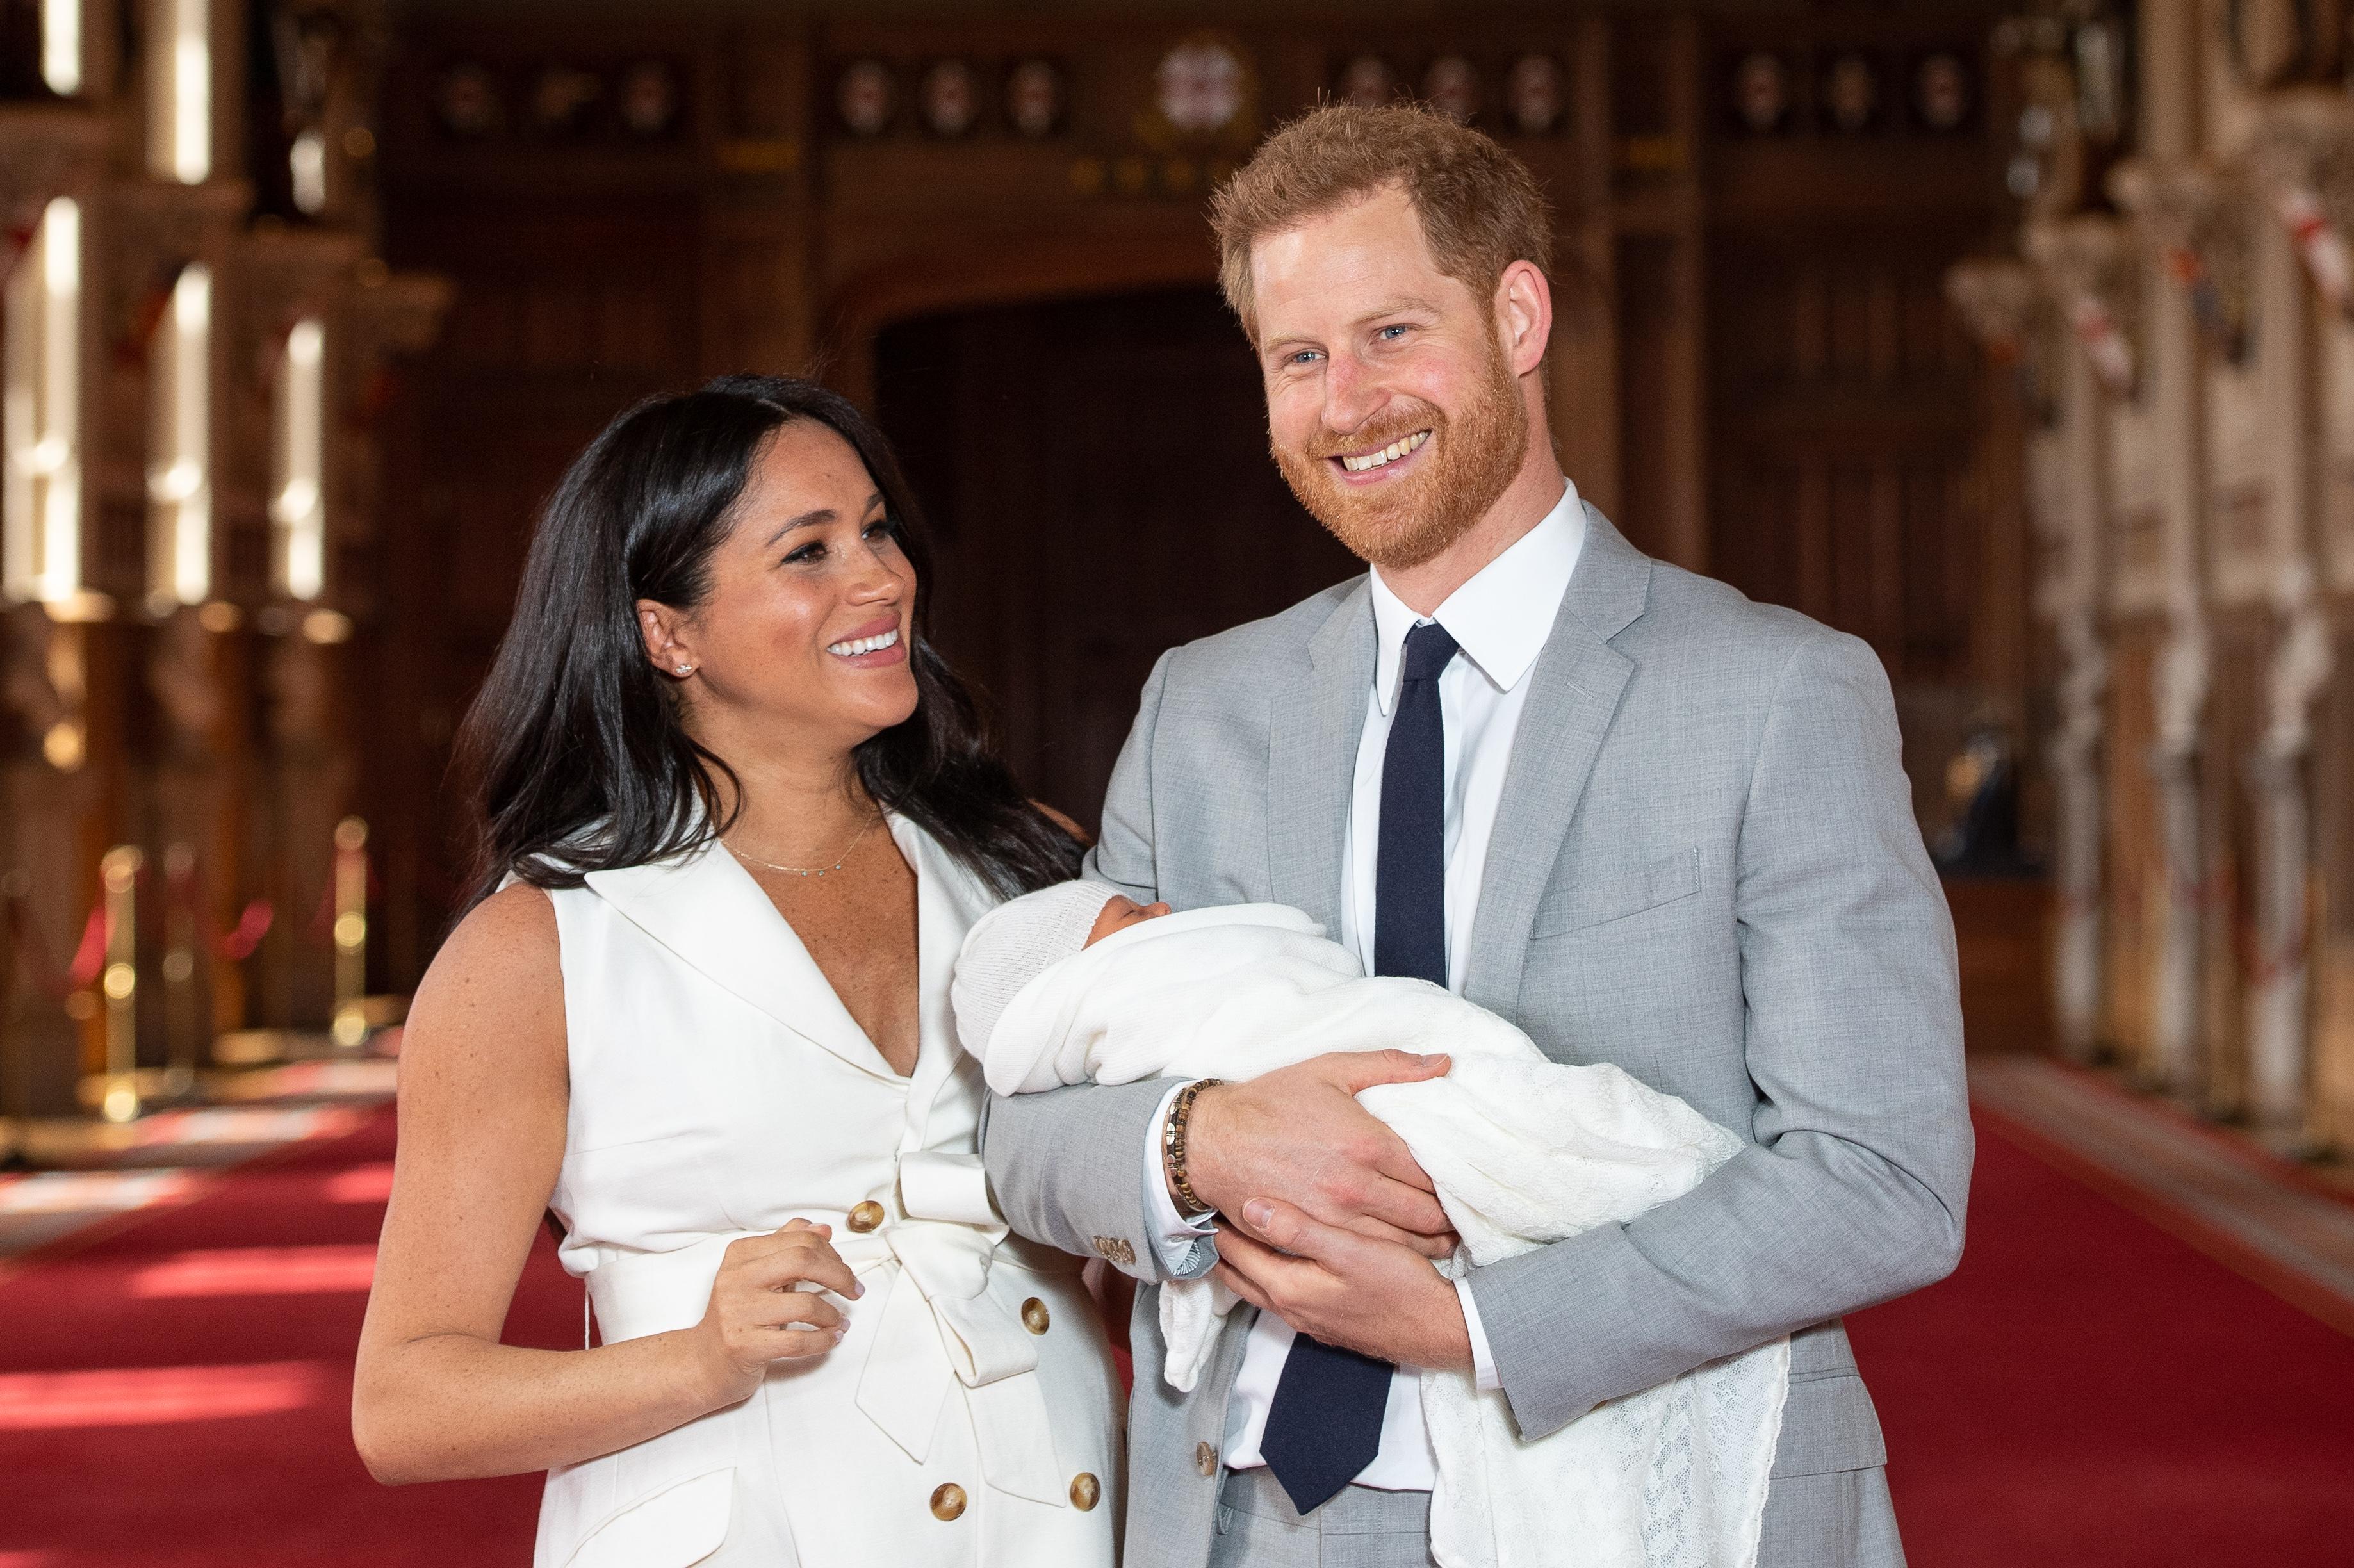 Prince Harry, Meghan Markle, Archie Harrison Mountbatten-Windsor